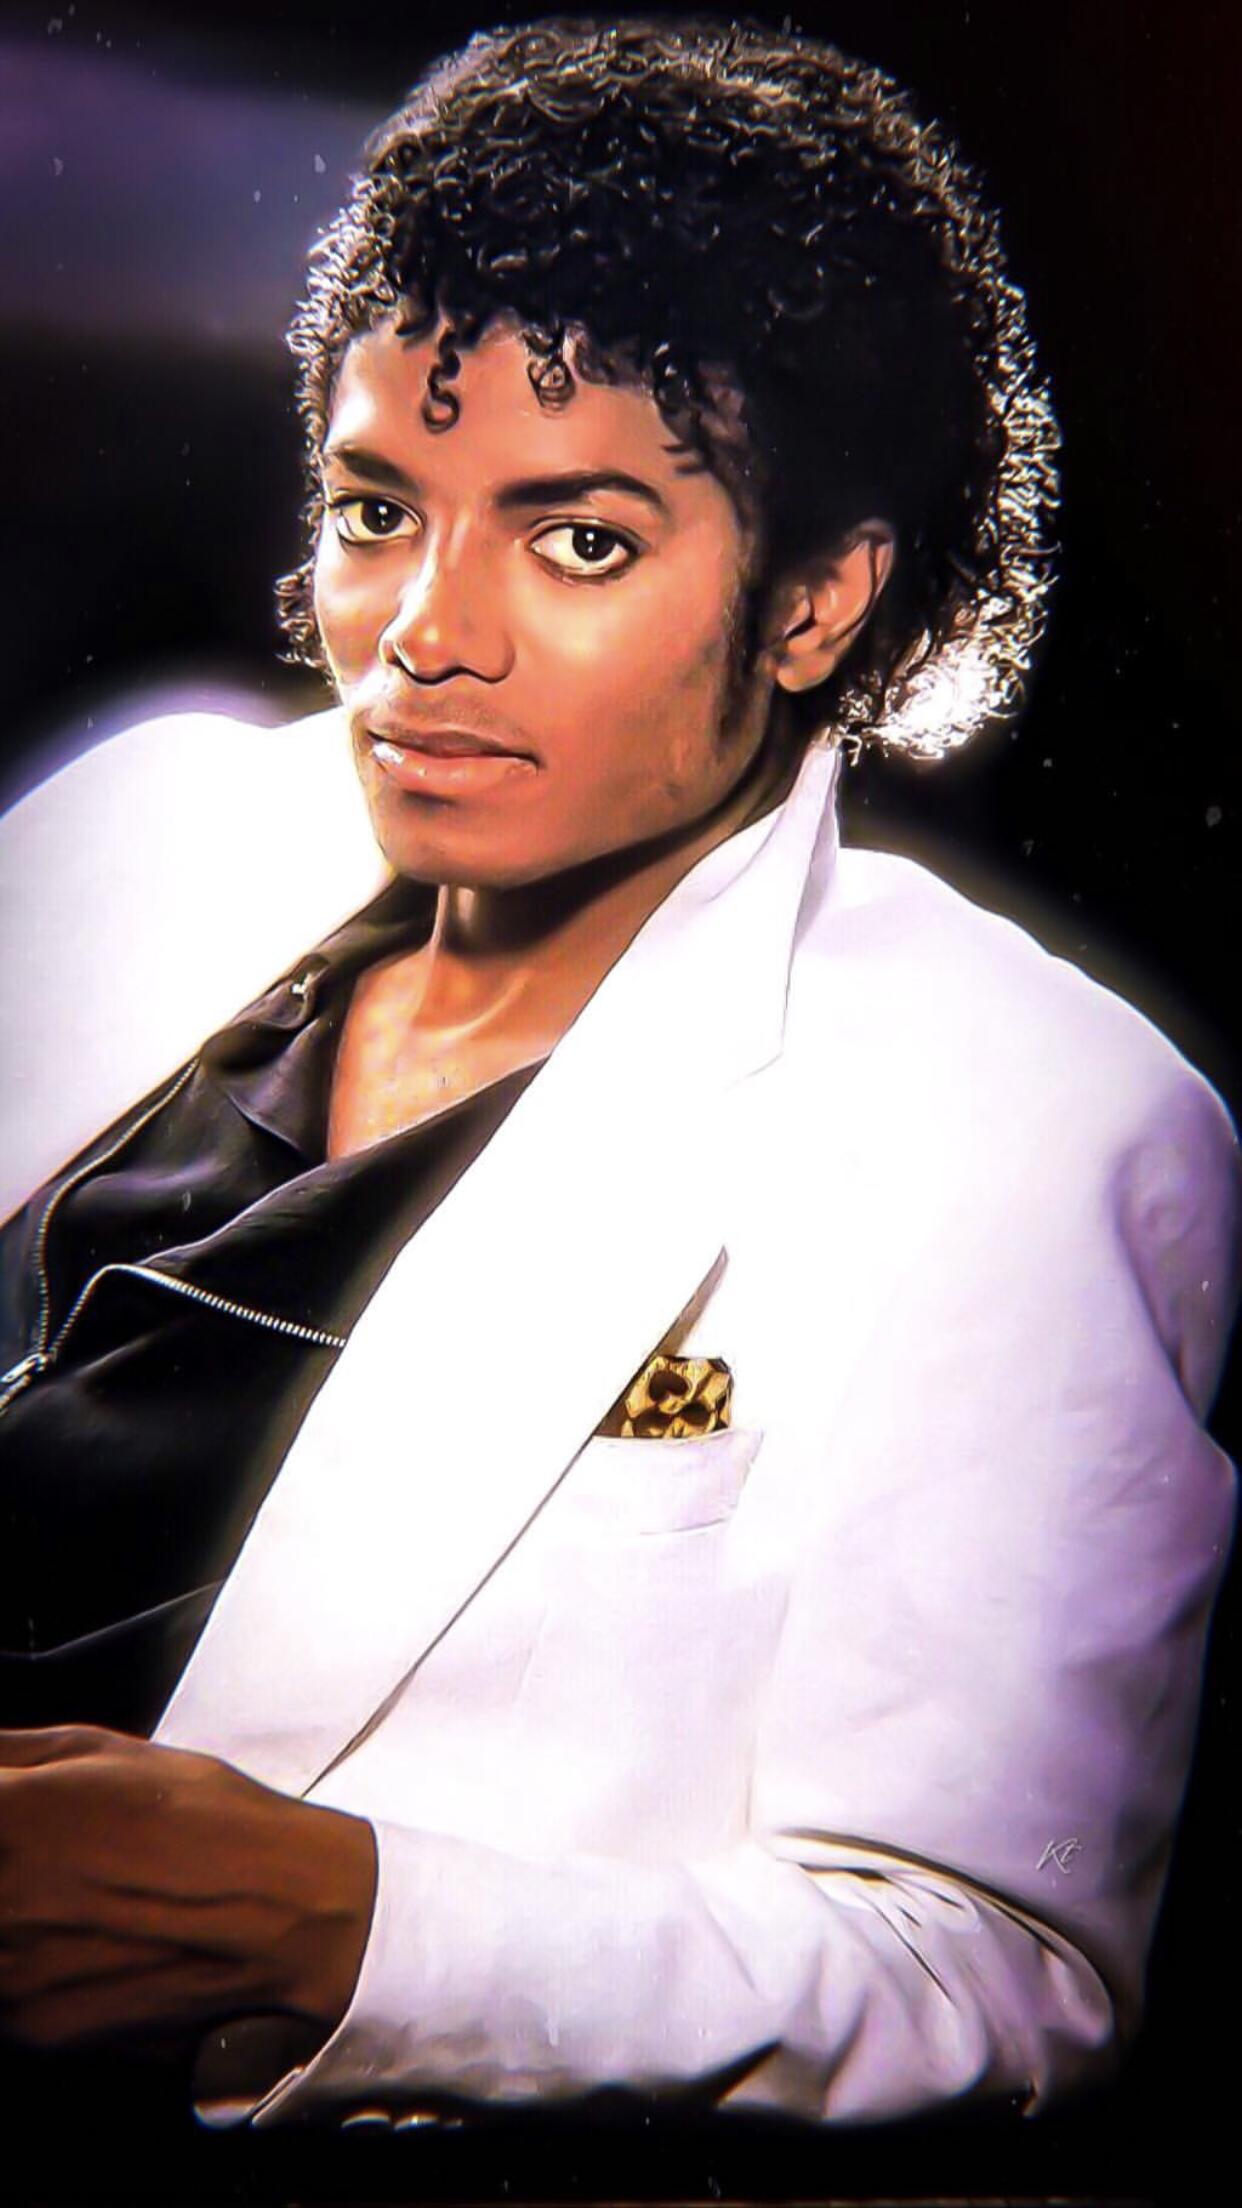 Thriller Era Album Cover Wallpaper Michael Jackson Michael Jackson Thriller Michael Jackson Wallpaper Michael Jackson Album Covers